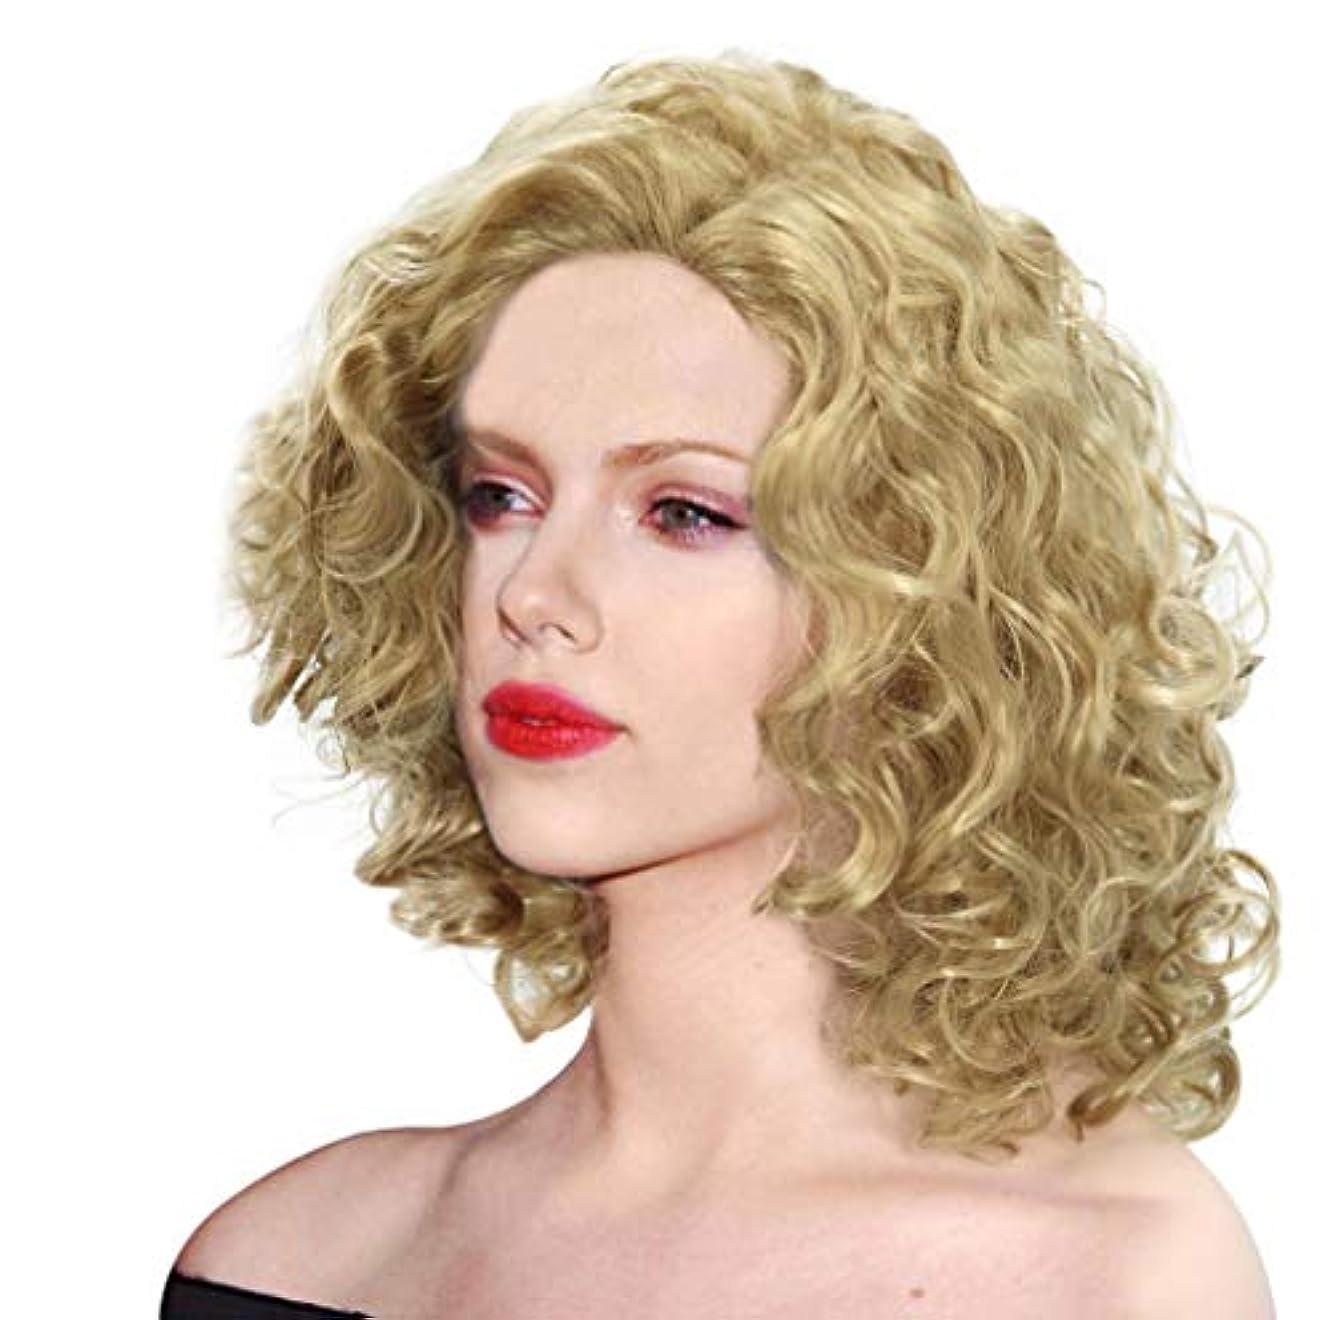 ゲートウェイ区画つづり女性かつら人工毛ウィッグ波状わずかに赤ん坊の毛150%密度に適したハロウィーンコスプレゴールド42 cm